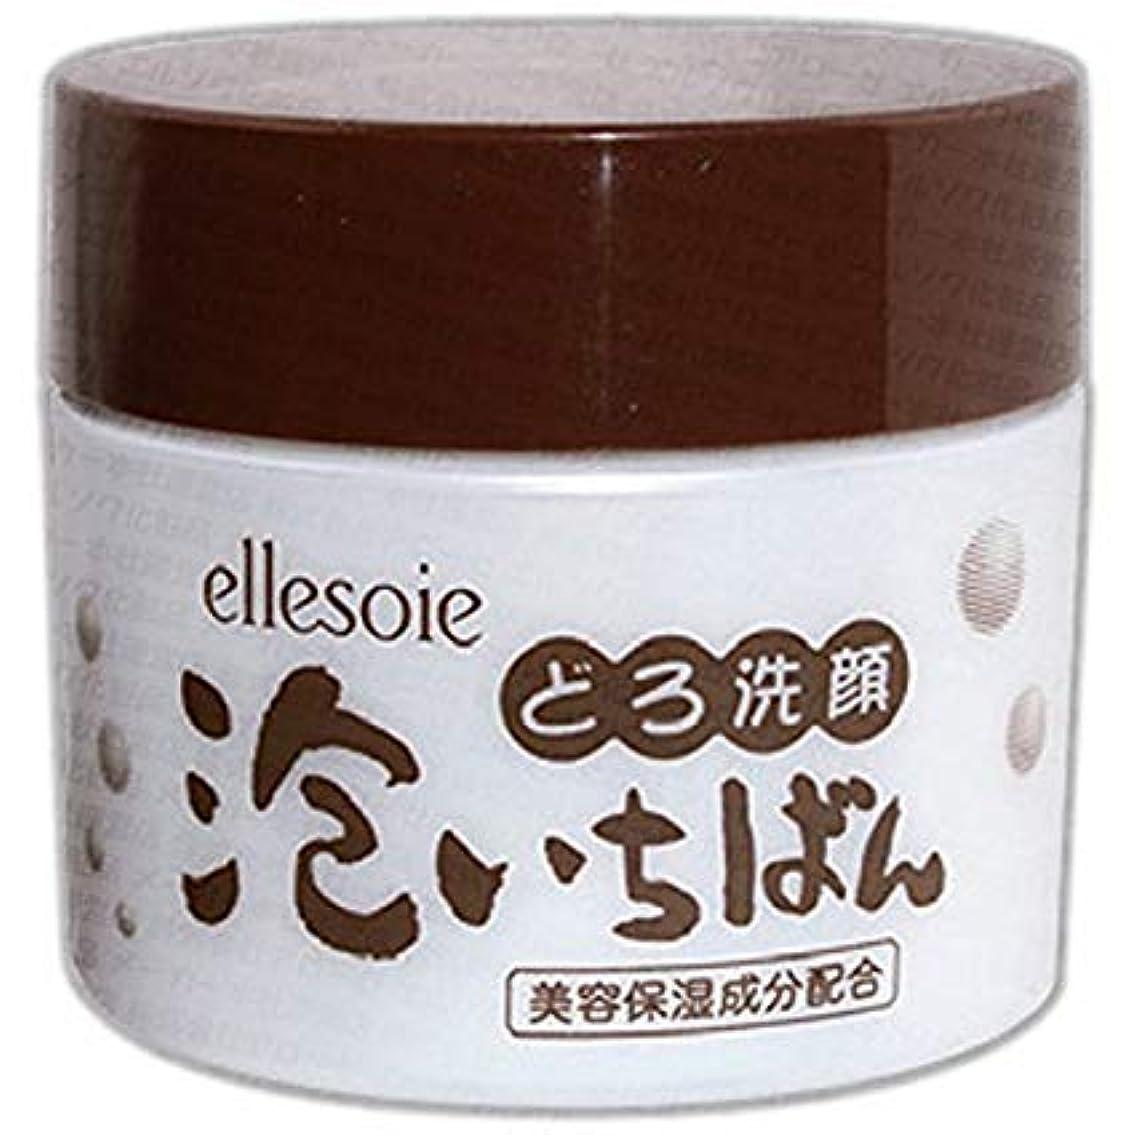 エルソワ化粧品(ellesoie) どろ洗顔 泡いちばん 120g入り (ジャー容器入り120g)